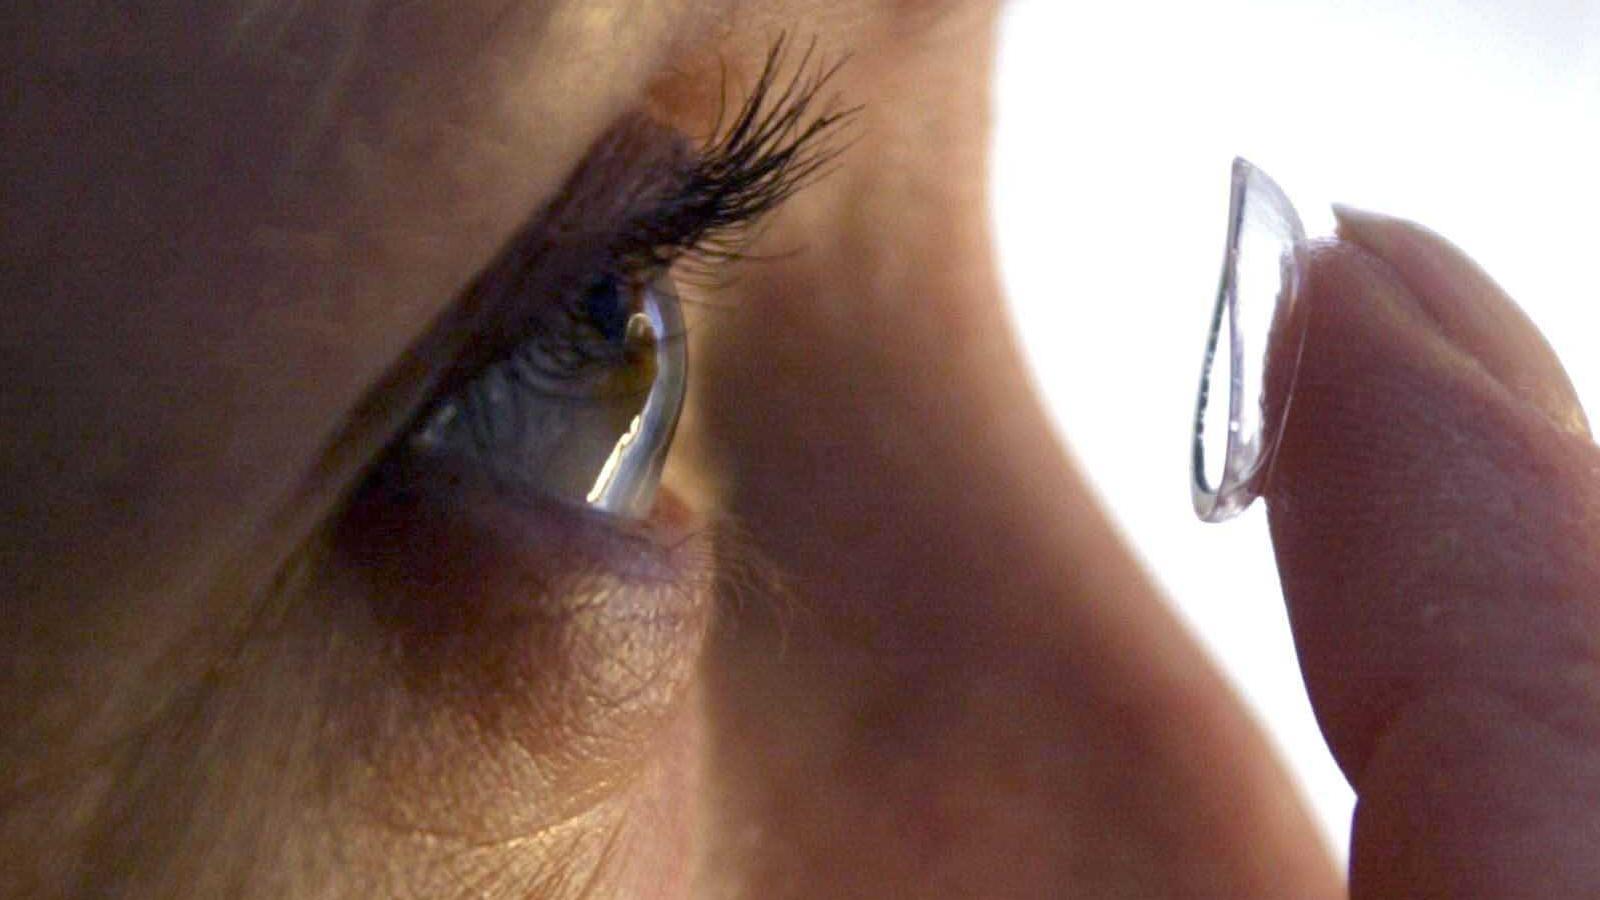 Kontaktlinsen können das Risiko für eine Hornhautentzündung deutlich erhöhen.